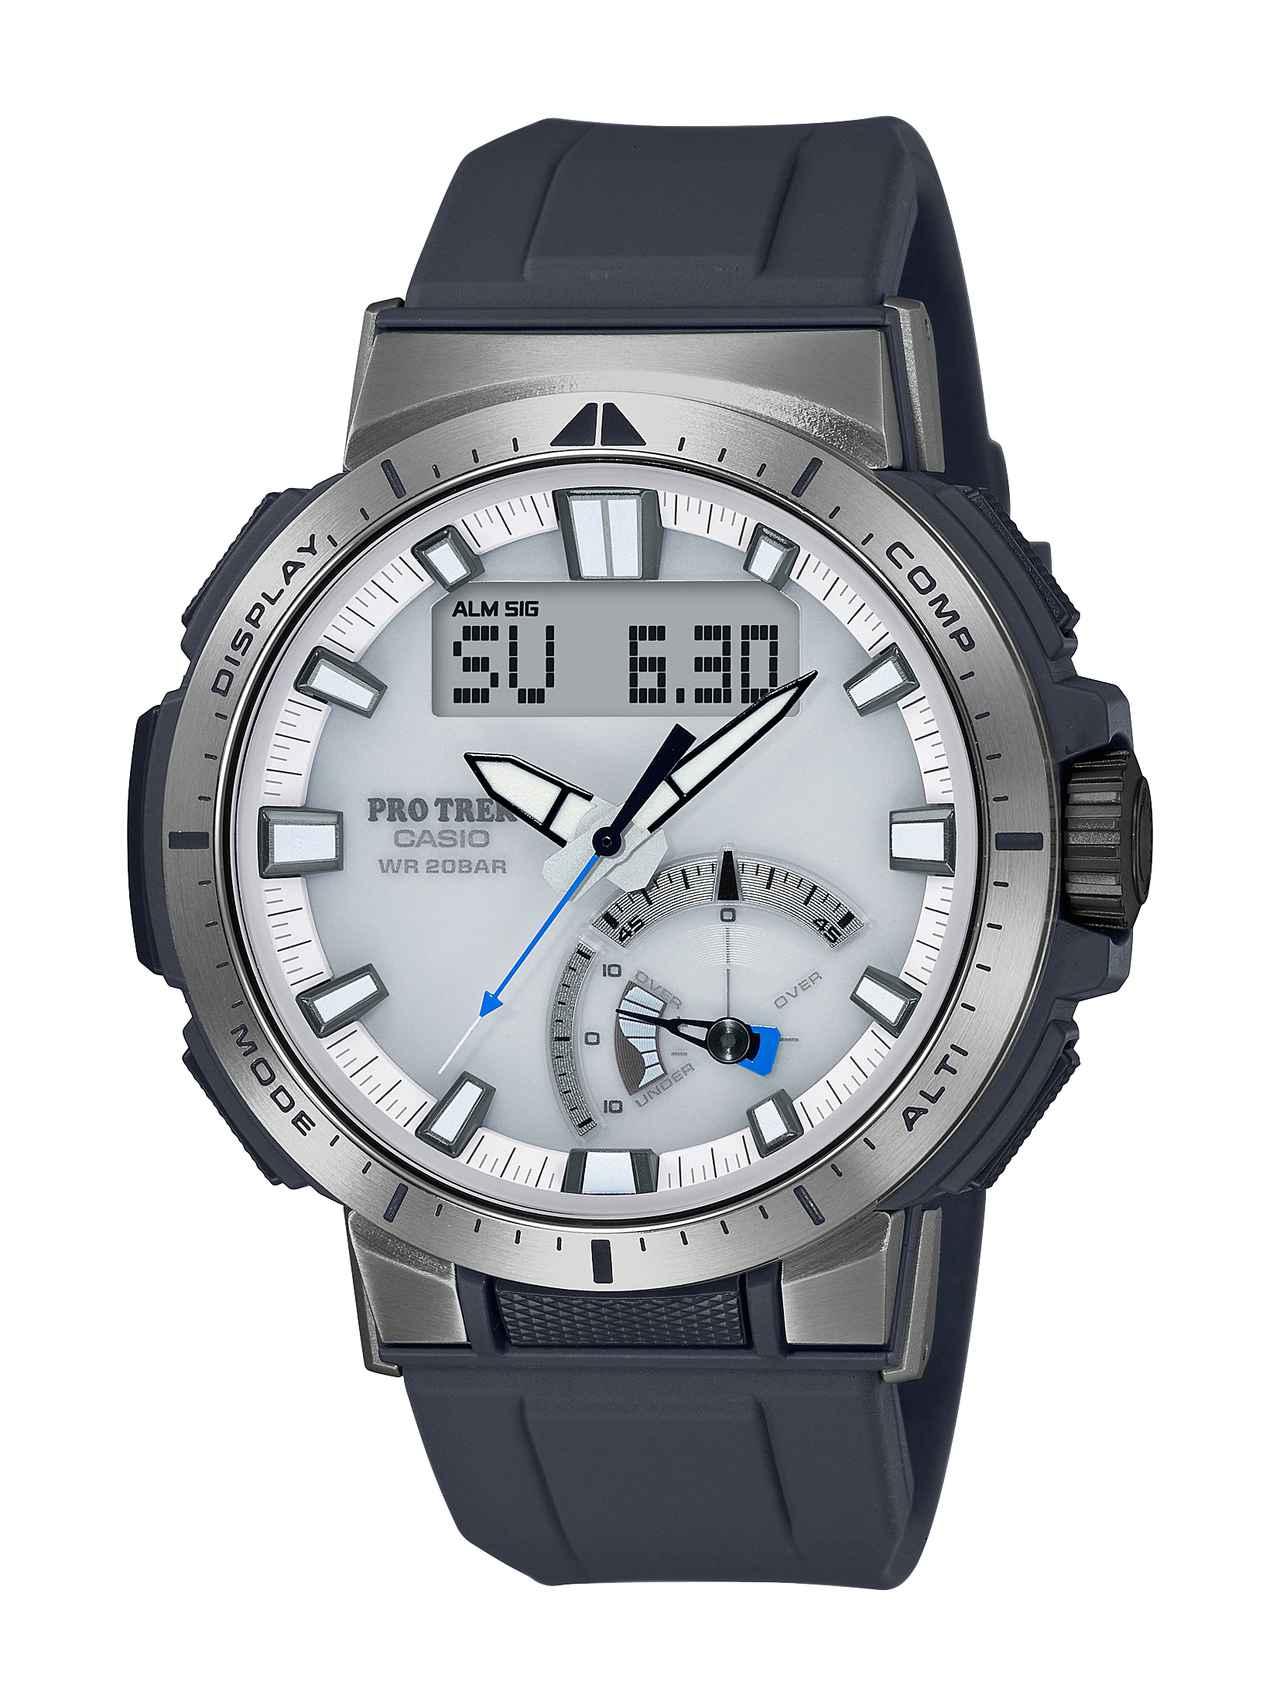 画像2: 20気圧防水&アウトドアで役立つ機能が満載! プロトレックの新型ソーラー電波腕時計「PRW-70」はライダーとも好相性